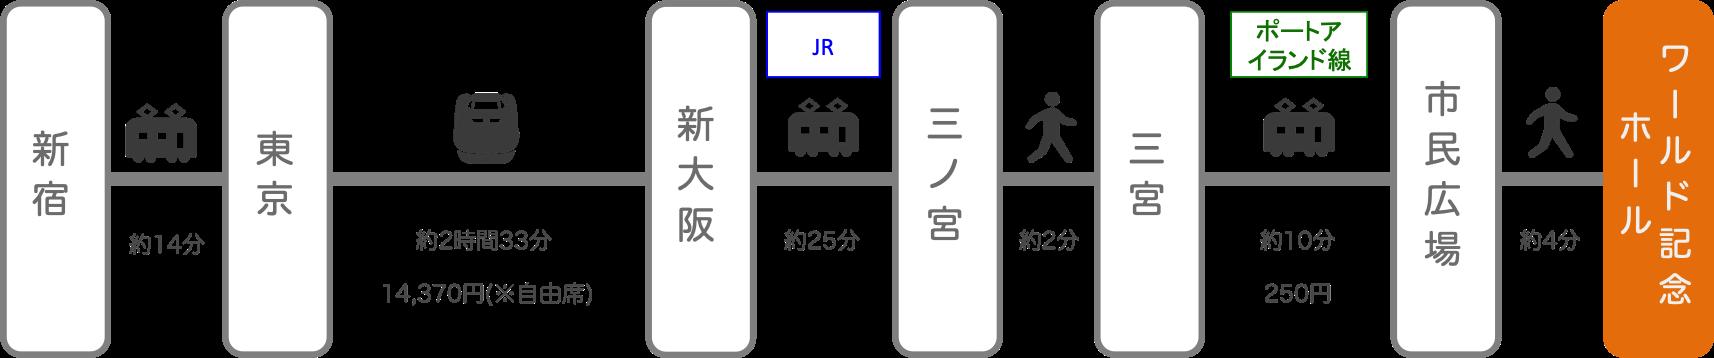 神戸ワールド記念ホール_新宿(東京)_新幹線